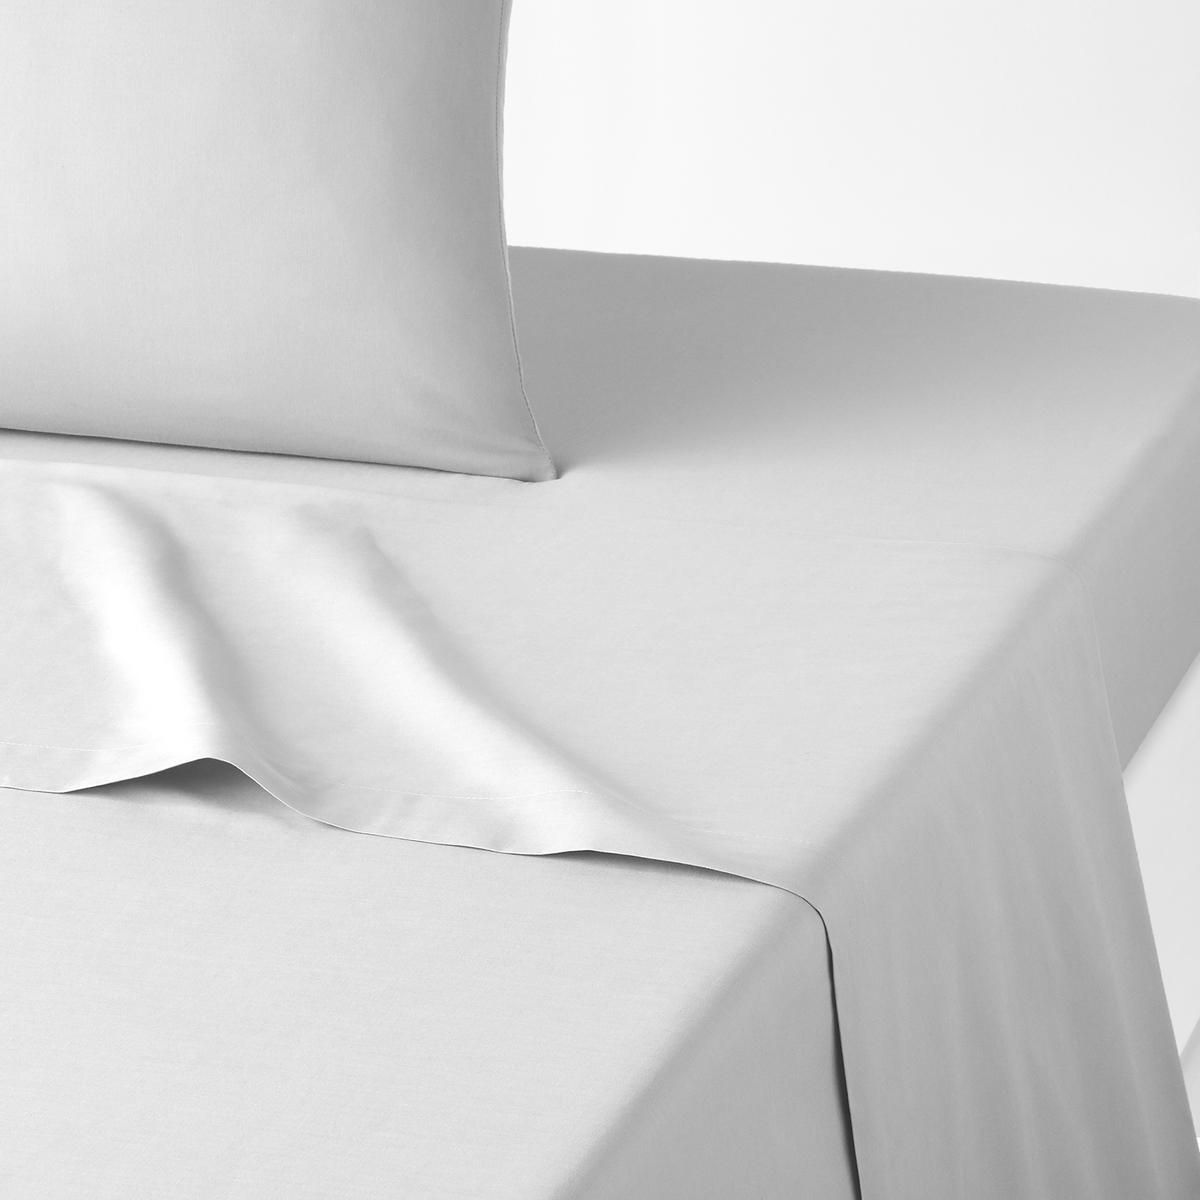 Простыня, 100% хлопокПростыня из 100% хлопка, ткань с плотным переплетением нитей .Отличная стойкость цвета при стирке при 60°. 57 нитей/см? : чем больше нитей/см?, тем выше качество материалаПроизводство осуществляется с учетом стандартов по защите окружающей среды и здоровья человека, что подтверждено сертификатом Oeko-tex®.  . Простыня :150 x 250 см: 1-сп . 1-сп??180 x 290 см: 1-сп .240 х 290 см : 2-сп.270 x 290 см : 2-сп.Ищите комплект постельного белья SC?NARIO на нашем сайте<br><br>Цвет: антрацит,белый,бледный сине-зеленый,вишневый,голубой бирюзовый,желтый горчичный,желтый лимонный,зеленый,нежно-розовый,розовое дерево,розовый коралловый,светло-бежевый,серо-коричневый каштан,Серо-синий,серый жемчужный,сине-зеленый,фиолетовый,черный<br>Размер: 150 x 250  см.240 x 290  см.180 x 290  см.240 x 290  см.180 x 290  см.240 x 290  см.180 x 290  см.150 x 250  см.270 x 290  см.180 x 290  см.150 x 250  см.270 x 290  см.150 x 250  см.150 x 250  см.180 x 290  см.150 x 250  см.240 x 290  см.180 x 290  см.150 x 250  см.270 x 290  см.180 x 290  см.240 x 290  см.270 x 290  см.180 x 290  см.240 x 290  см.180 x 290  см.270 x 290  см.180 x 290  см.150 x 250  см.240 x 290  см